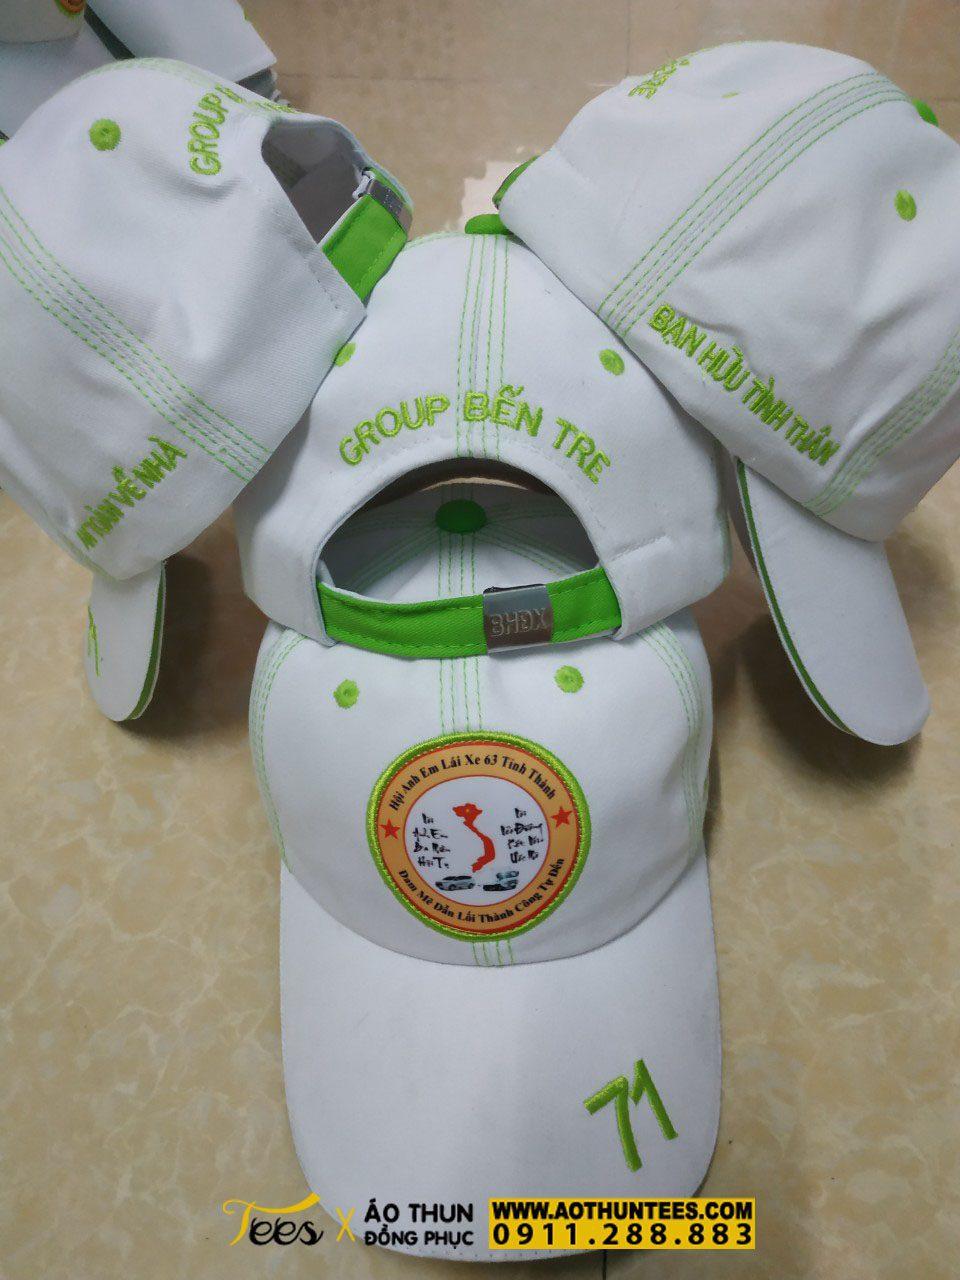 b037ac6fd1b936e76fa8 - Giới thiệu về đồng phục nón